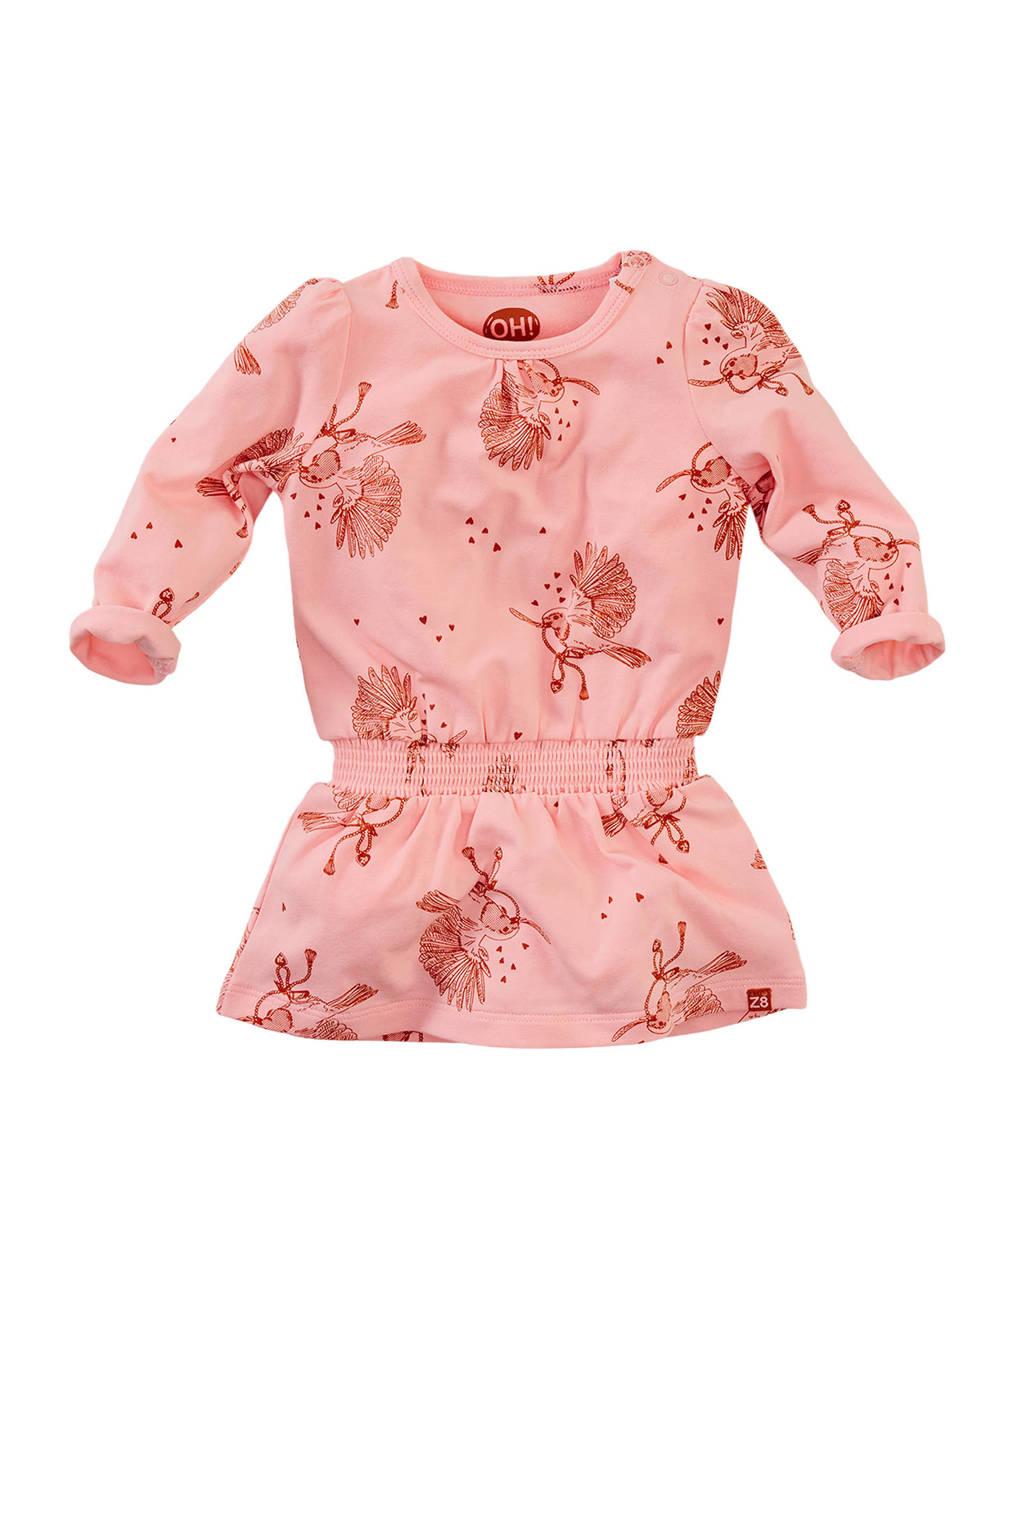 Z8 jersey jurk Long beach met all over print lichtroze/roestbruin, Lichtroze/roestbruin